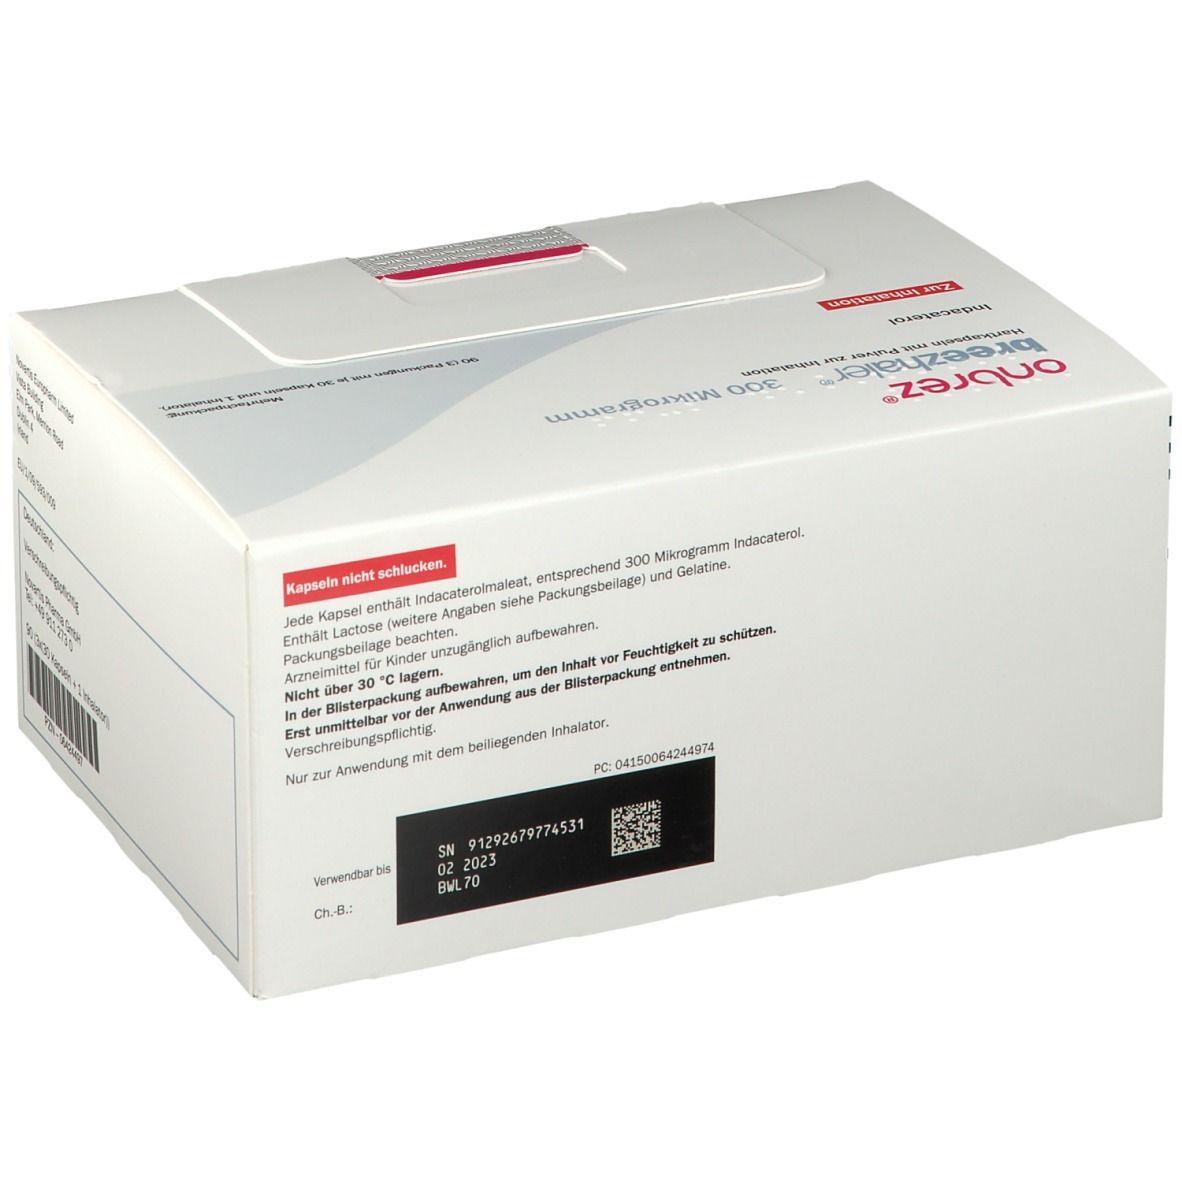 Onbrez Breezhaler 300 µg Inhalationskapseln